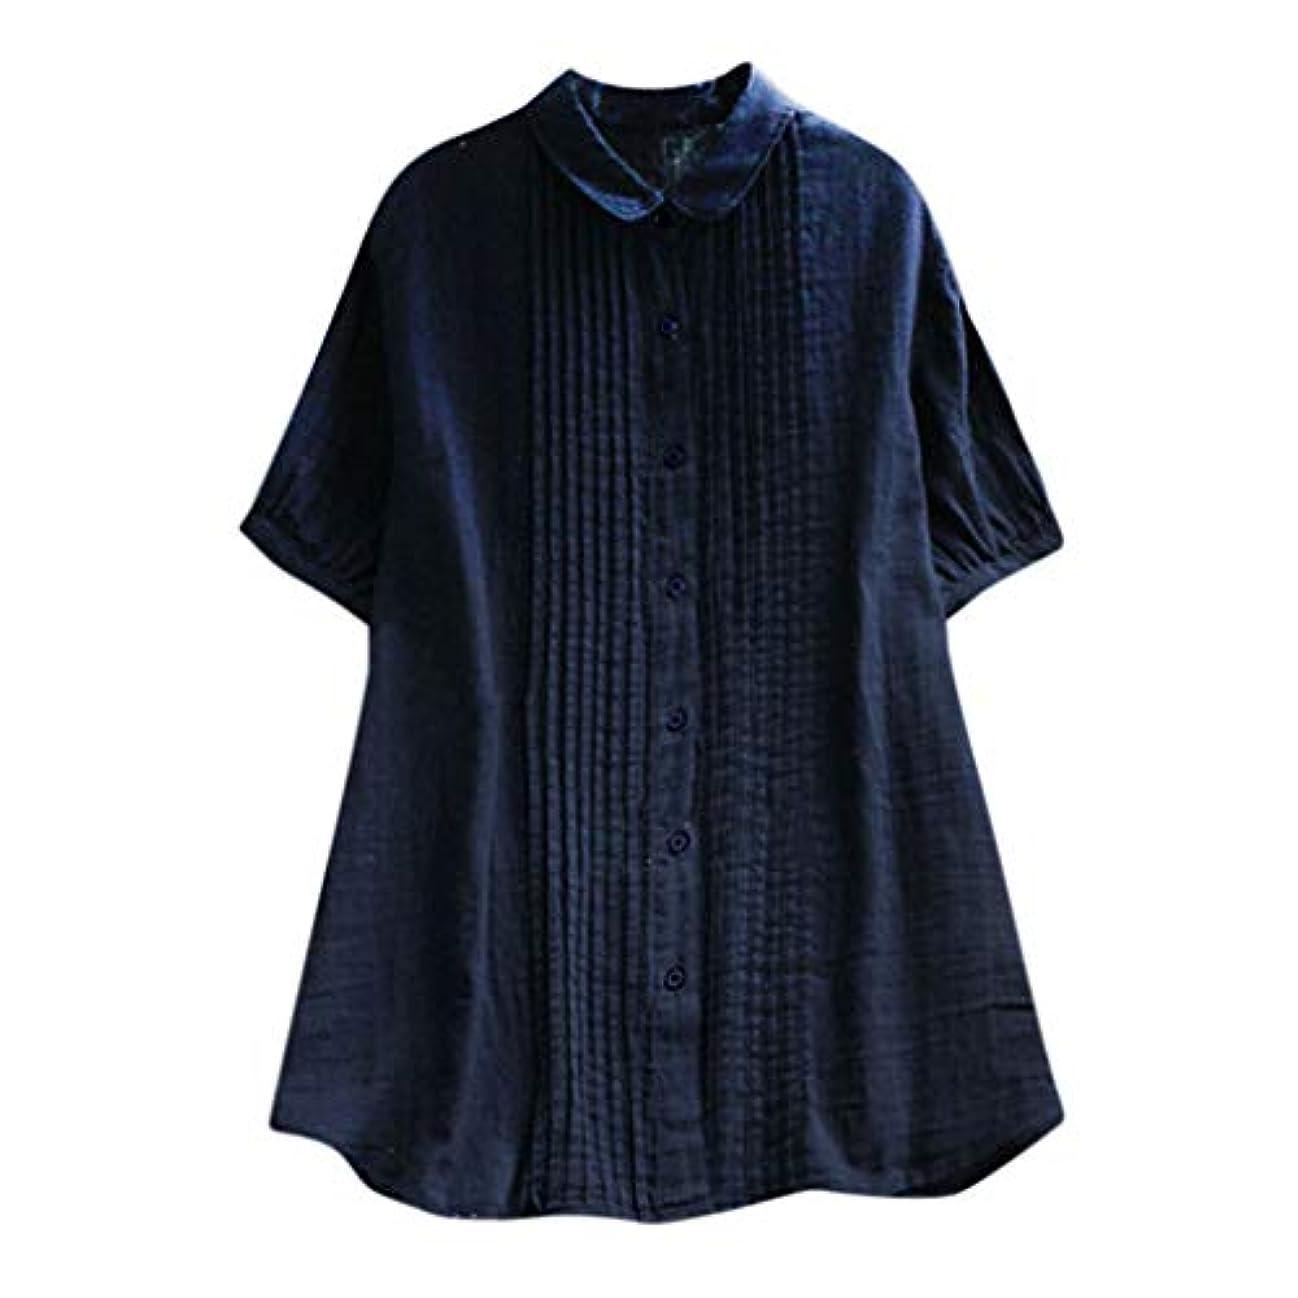 彼版アナログ女性の半袖Tシャツ - ピーターパンカラー夏緩い無地カジュアルダウントップスブラウス (青, 2XL)